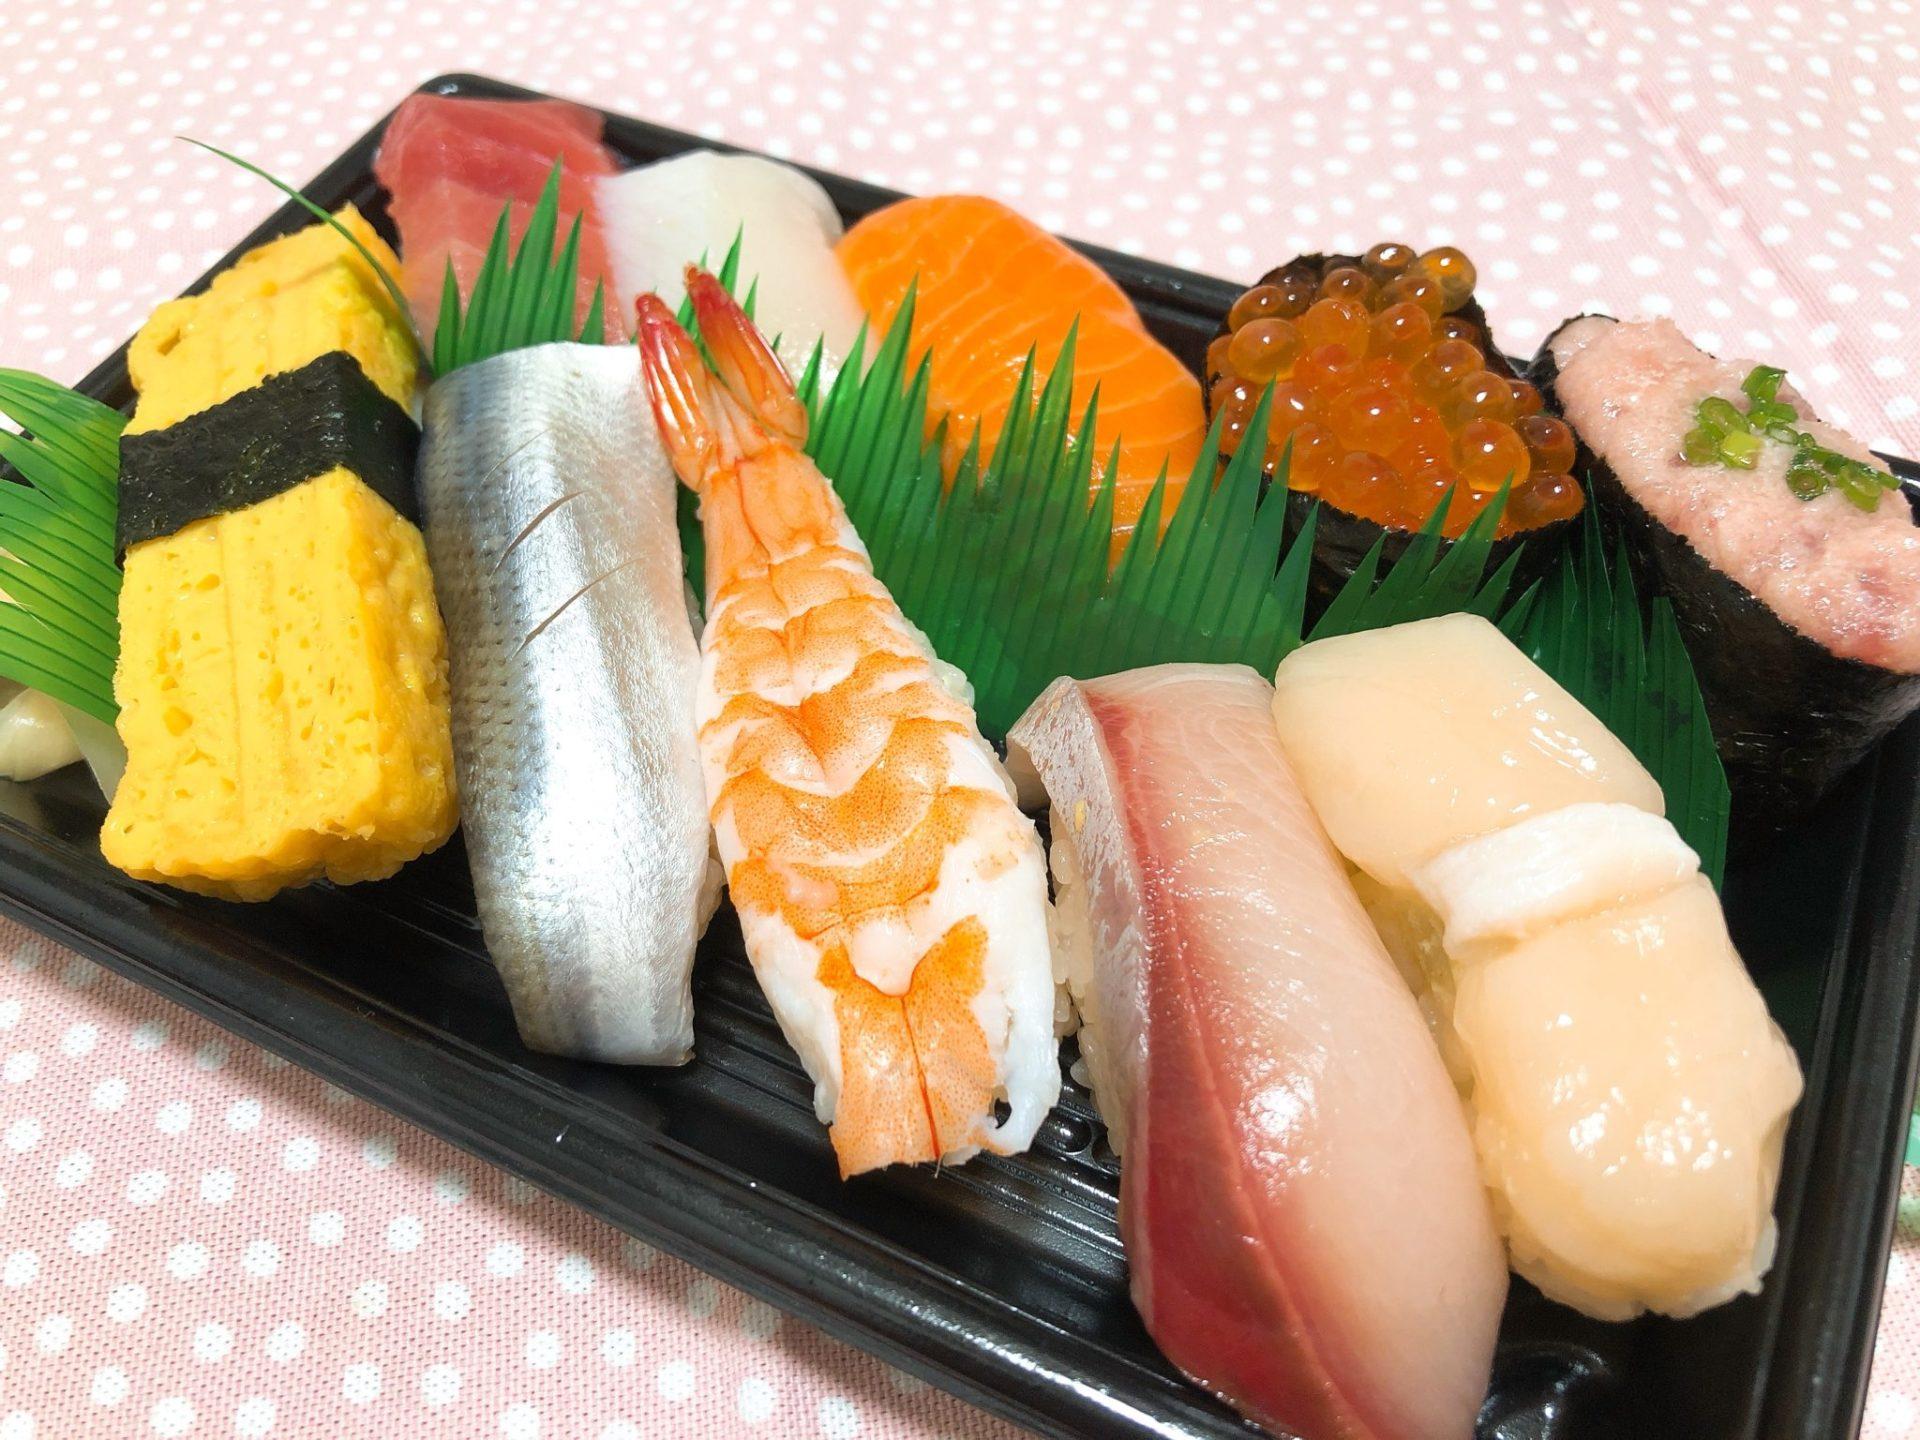 デリバリーアプリmenuメニューの海鮮三崎港の桜(さくら)にぎり寿司